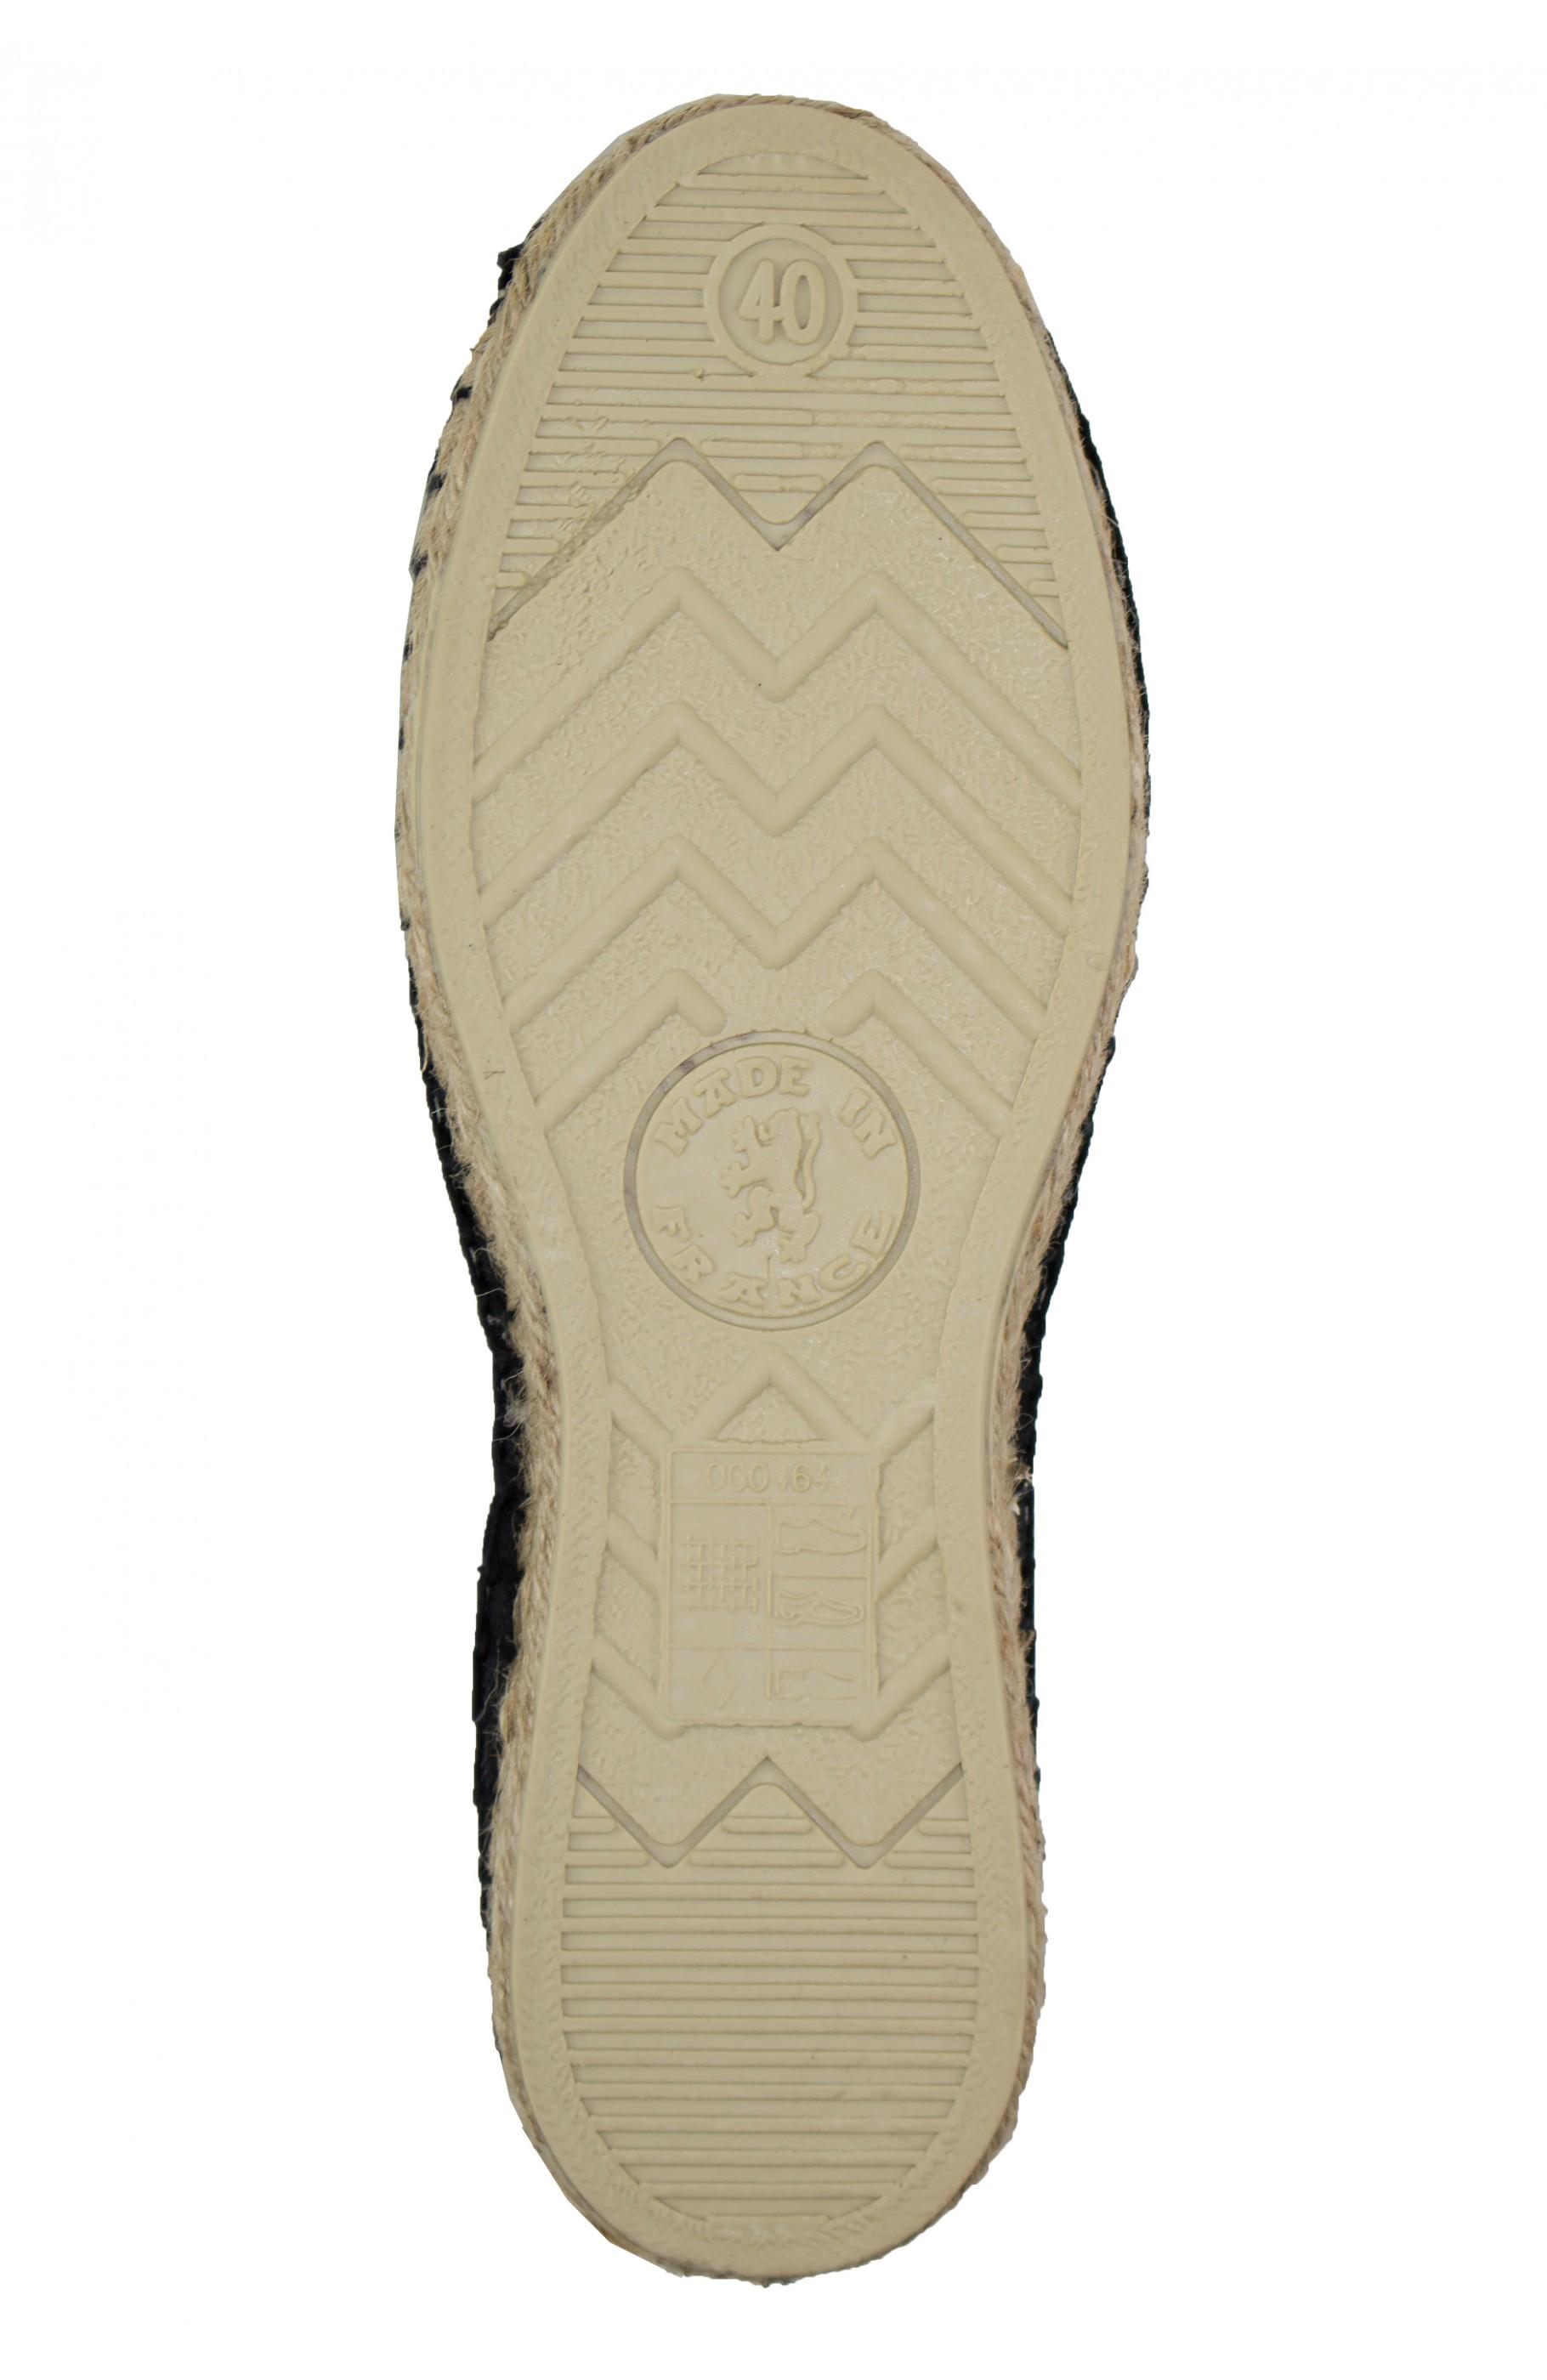 Majesté Couture Paris: MAJESTÉ\'S BANANA ESPADRILLES | Shoes,Shoes > Espadrilles -  Hiphunters Shop